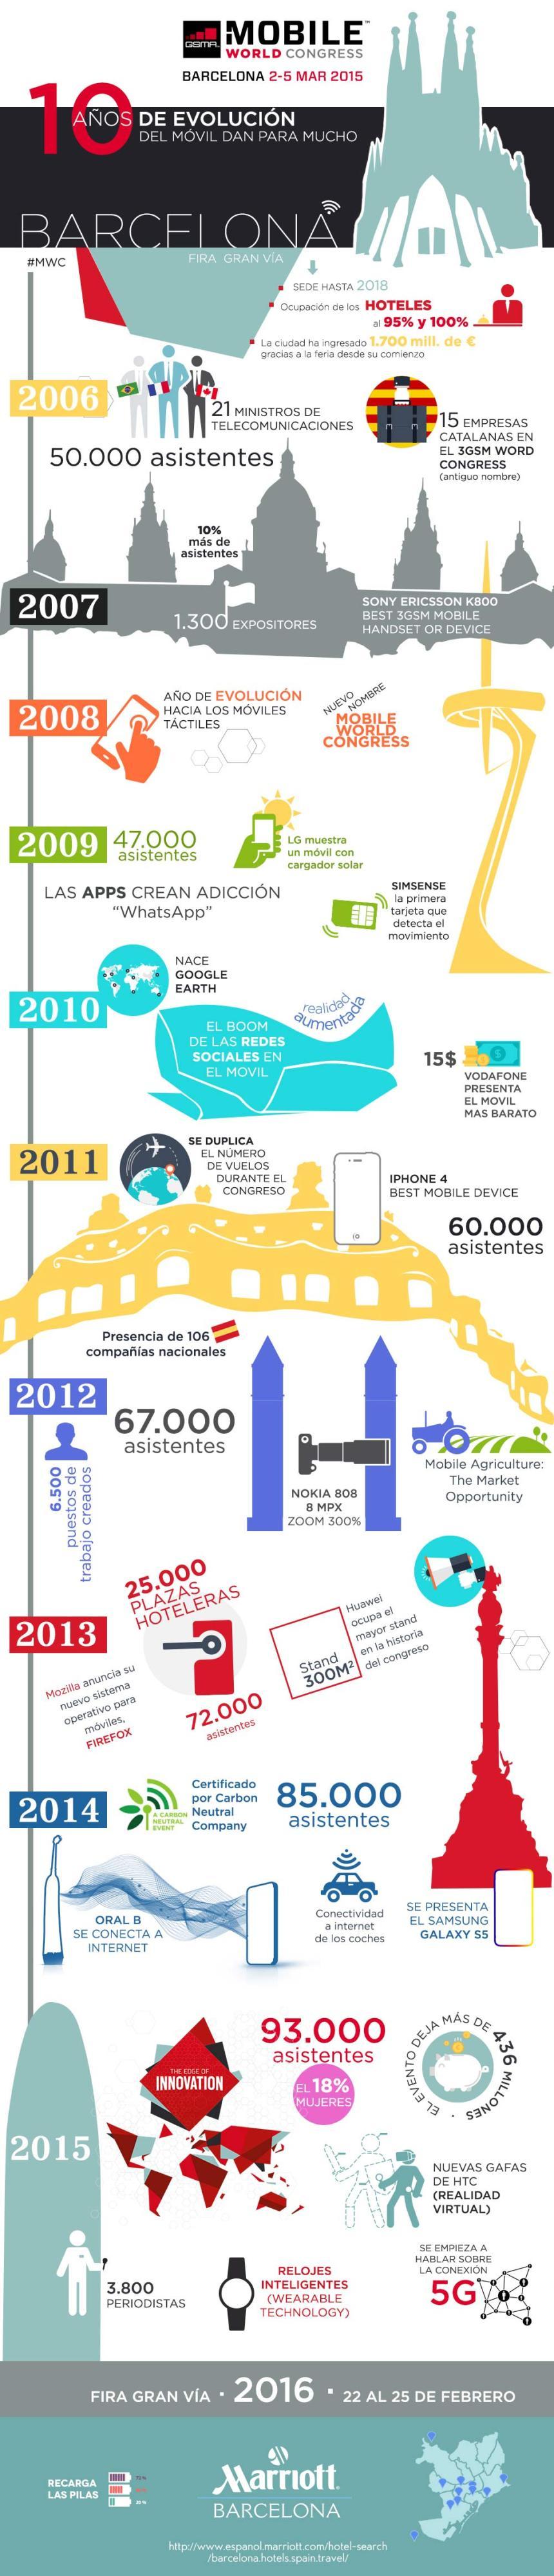 Los 10 primeros años del Mobile World Congress